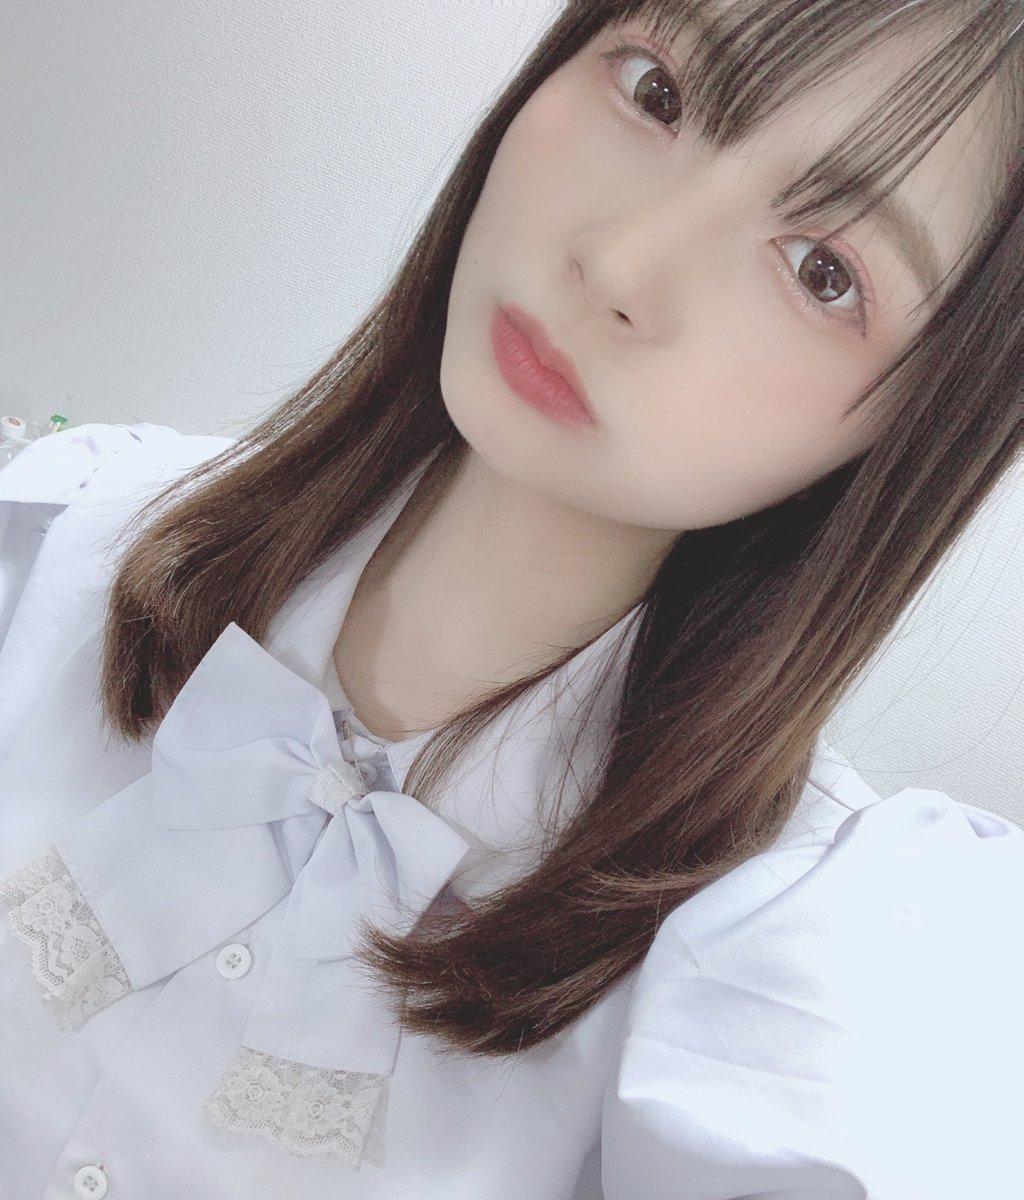 おはようっ!🦋❤︎本日は初のオンライン特典会があります!!→→→お話ししながらチェキげっとできます✨ ぜひ三浦響でご購入してくれると嬉しいです!まってるよ〜🥺💙